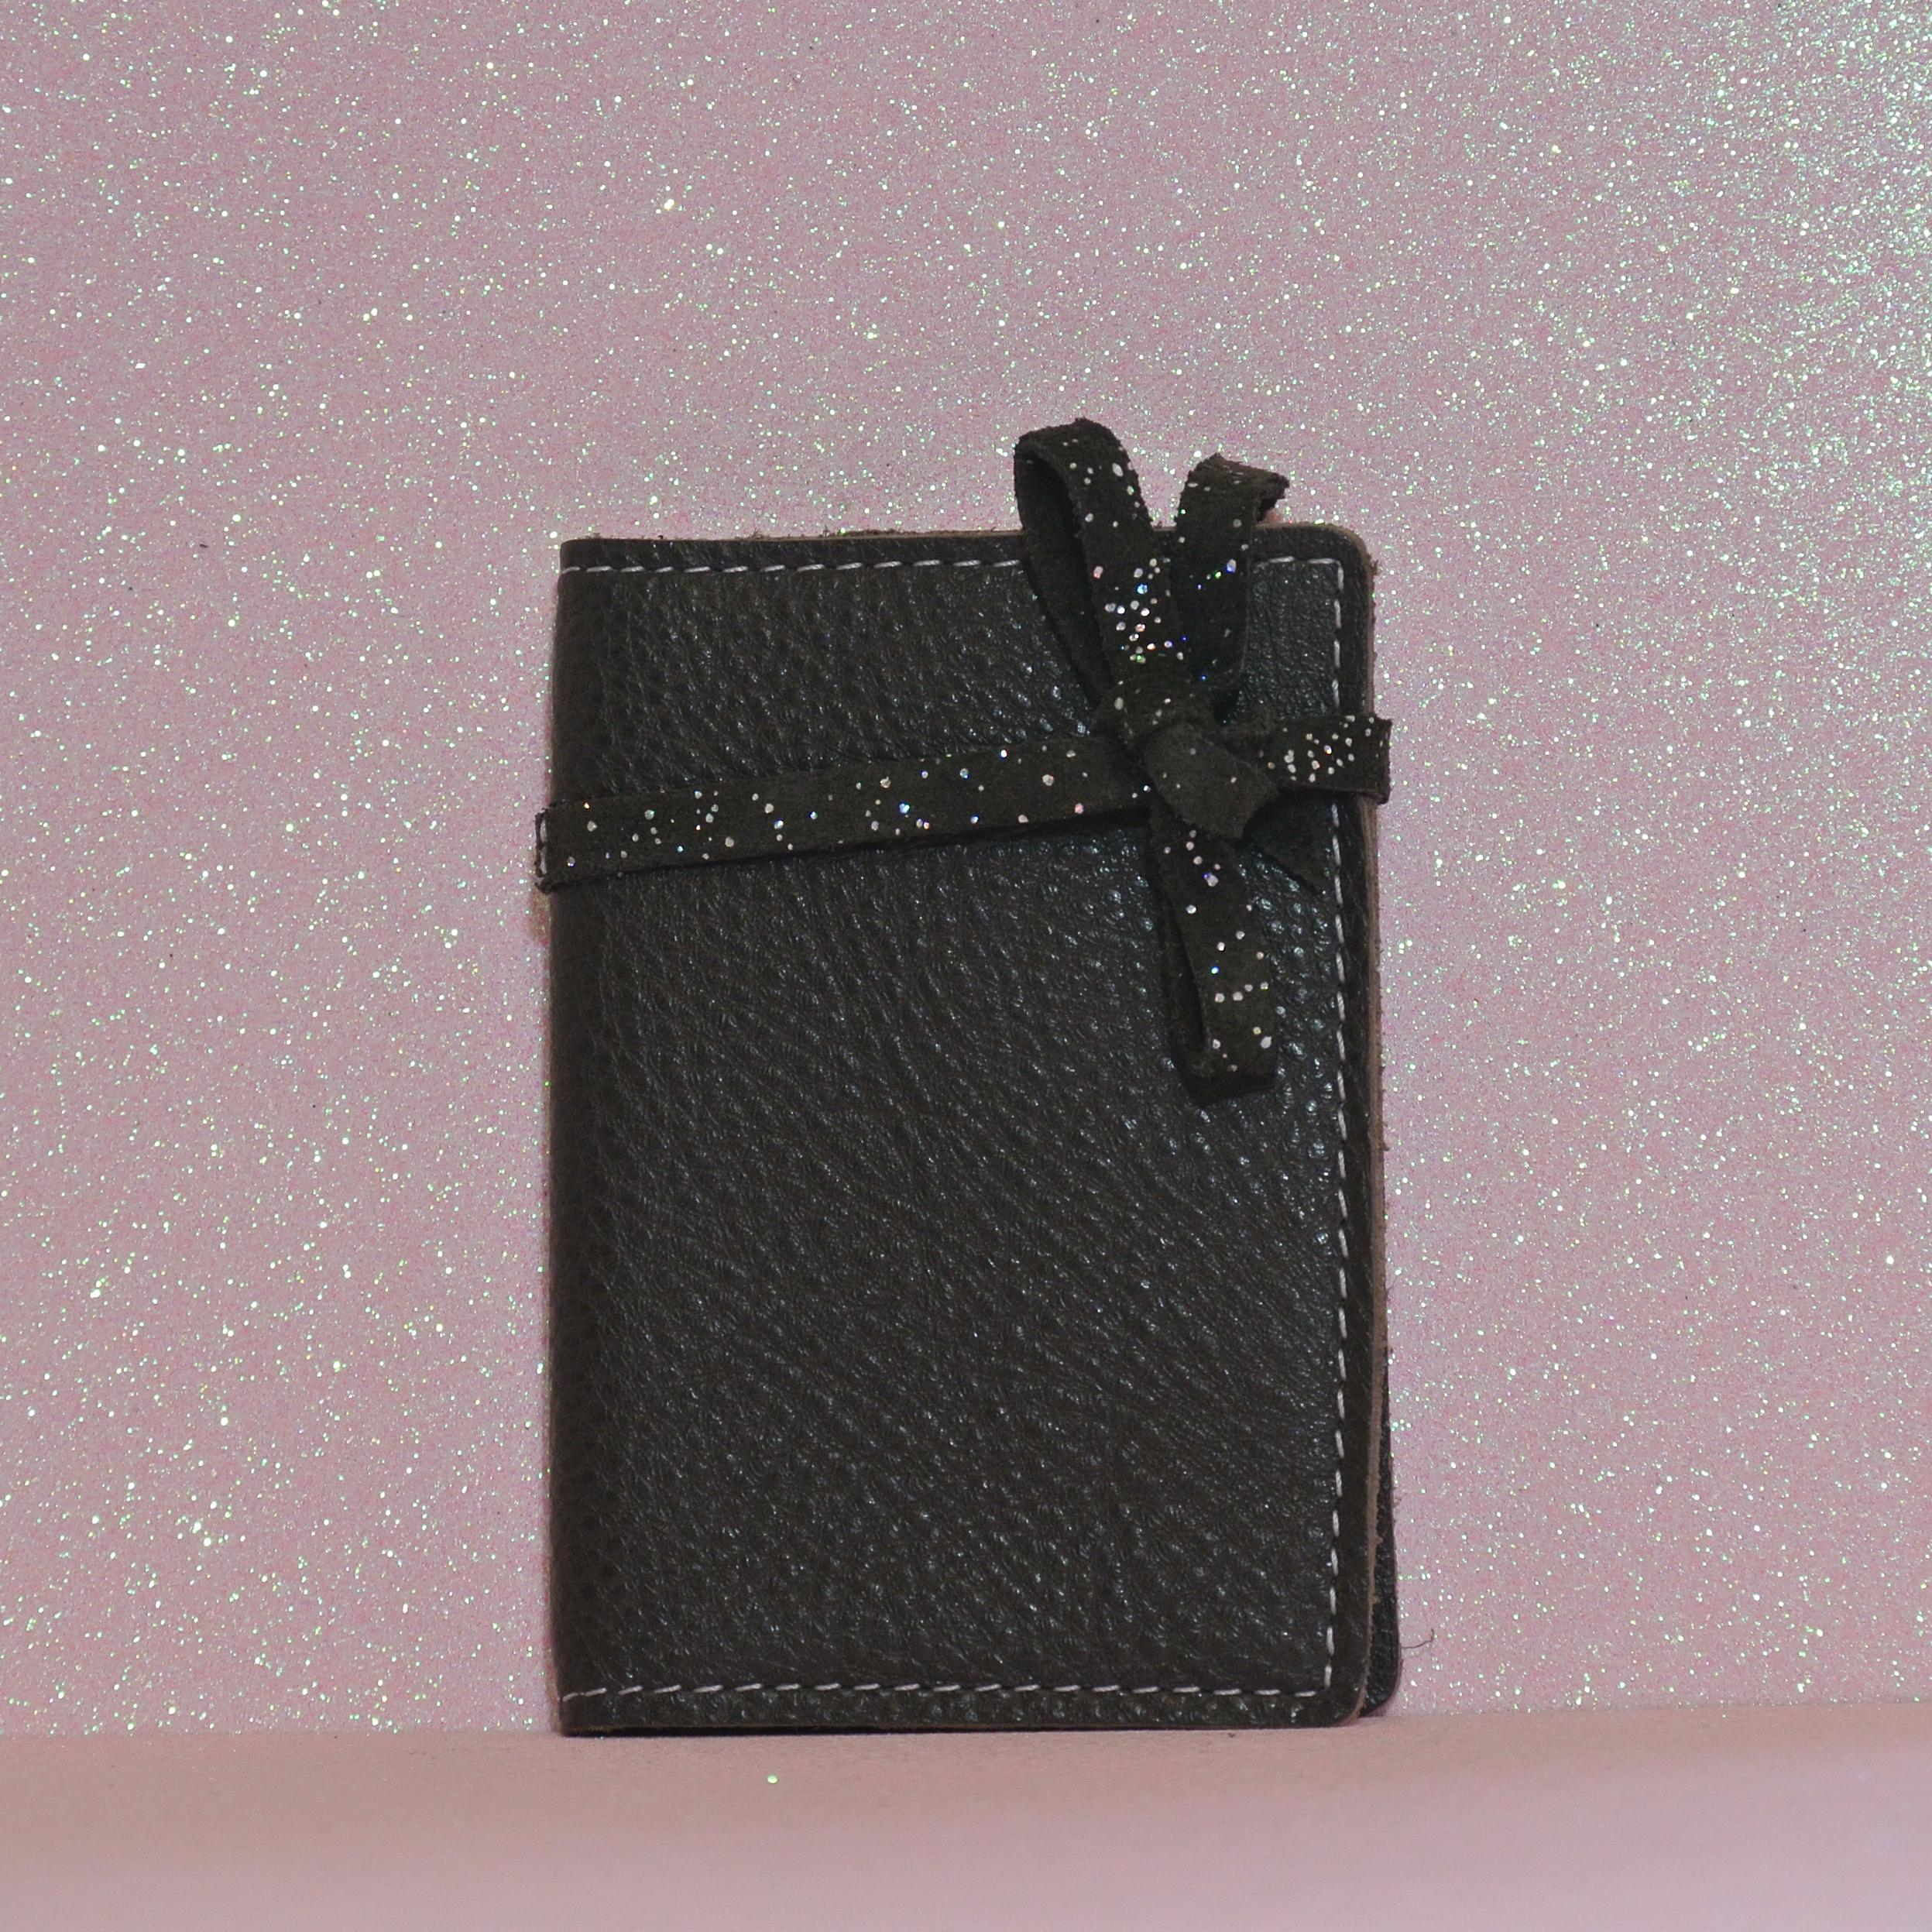 Simple Fidélité en Cuir grainé, noeuds, carte de fidélité, en cuir, la cartablière, made in france